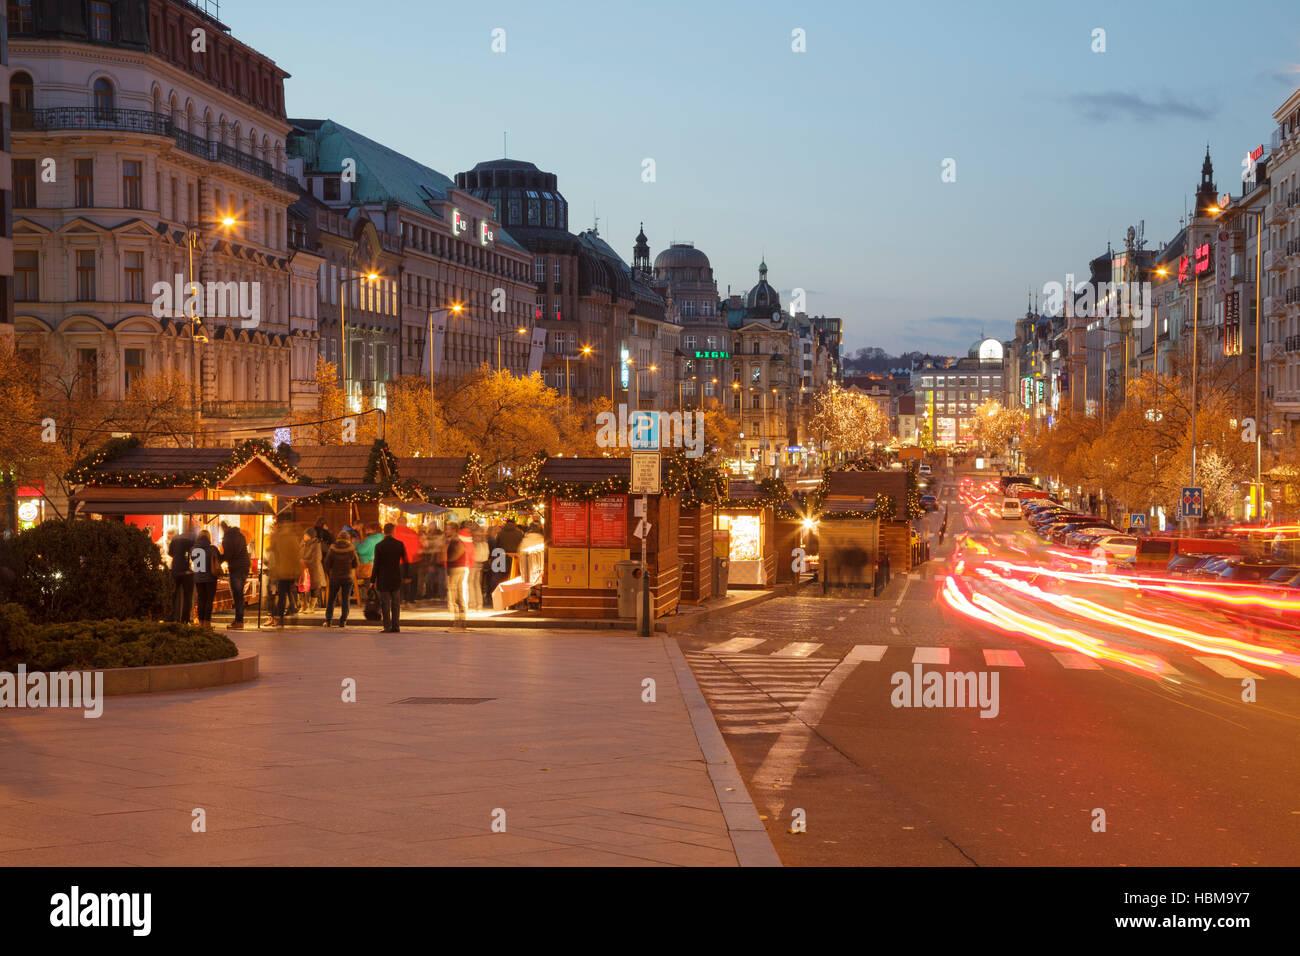 Wenceslas Square at dusk, Prague, Czech Republic - Stock Image